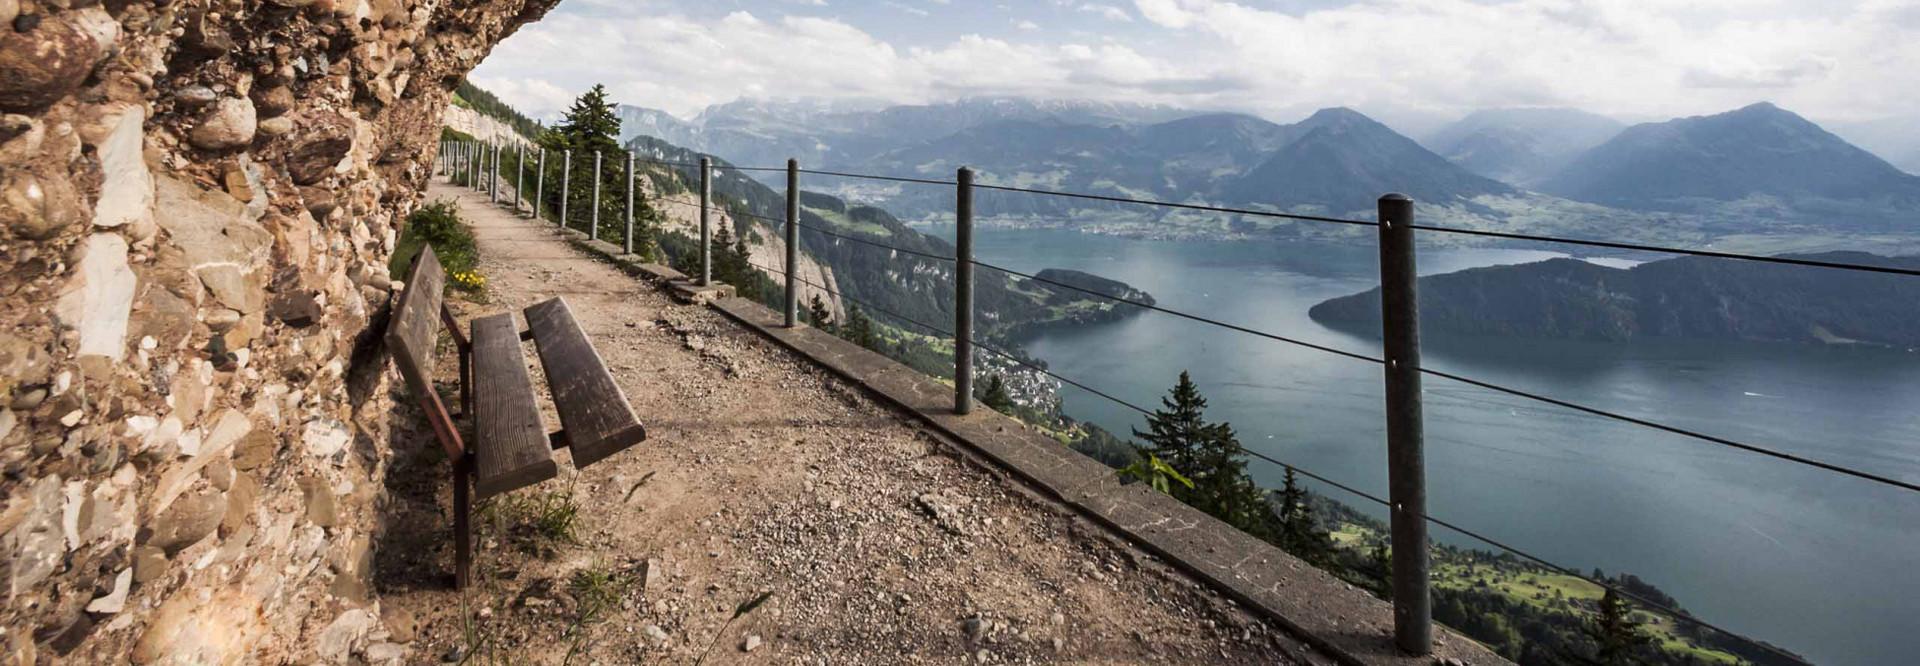 Man sieht den Wanderweg mit einer Sitzbank und rechts im Bild sieht man den Vierwaldstättersee.